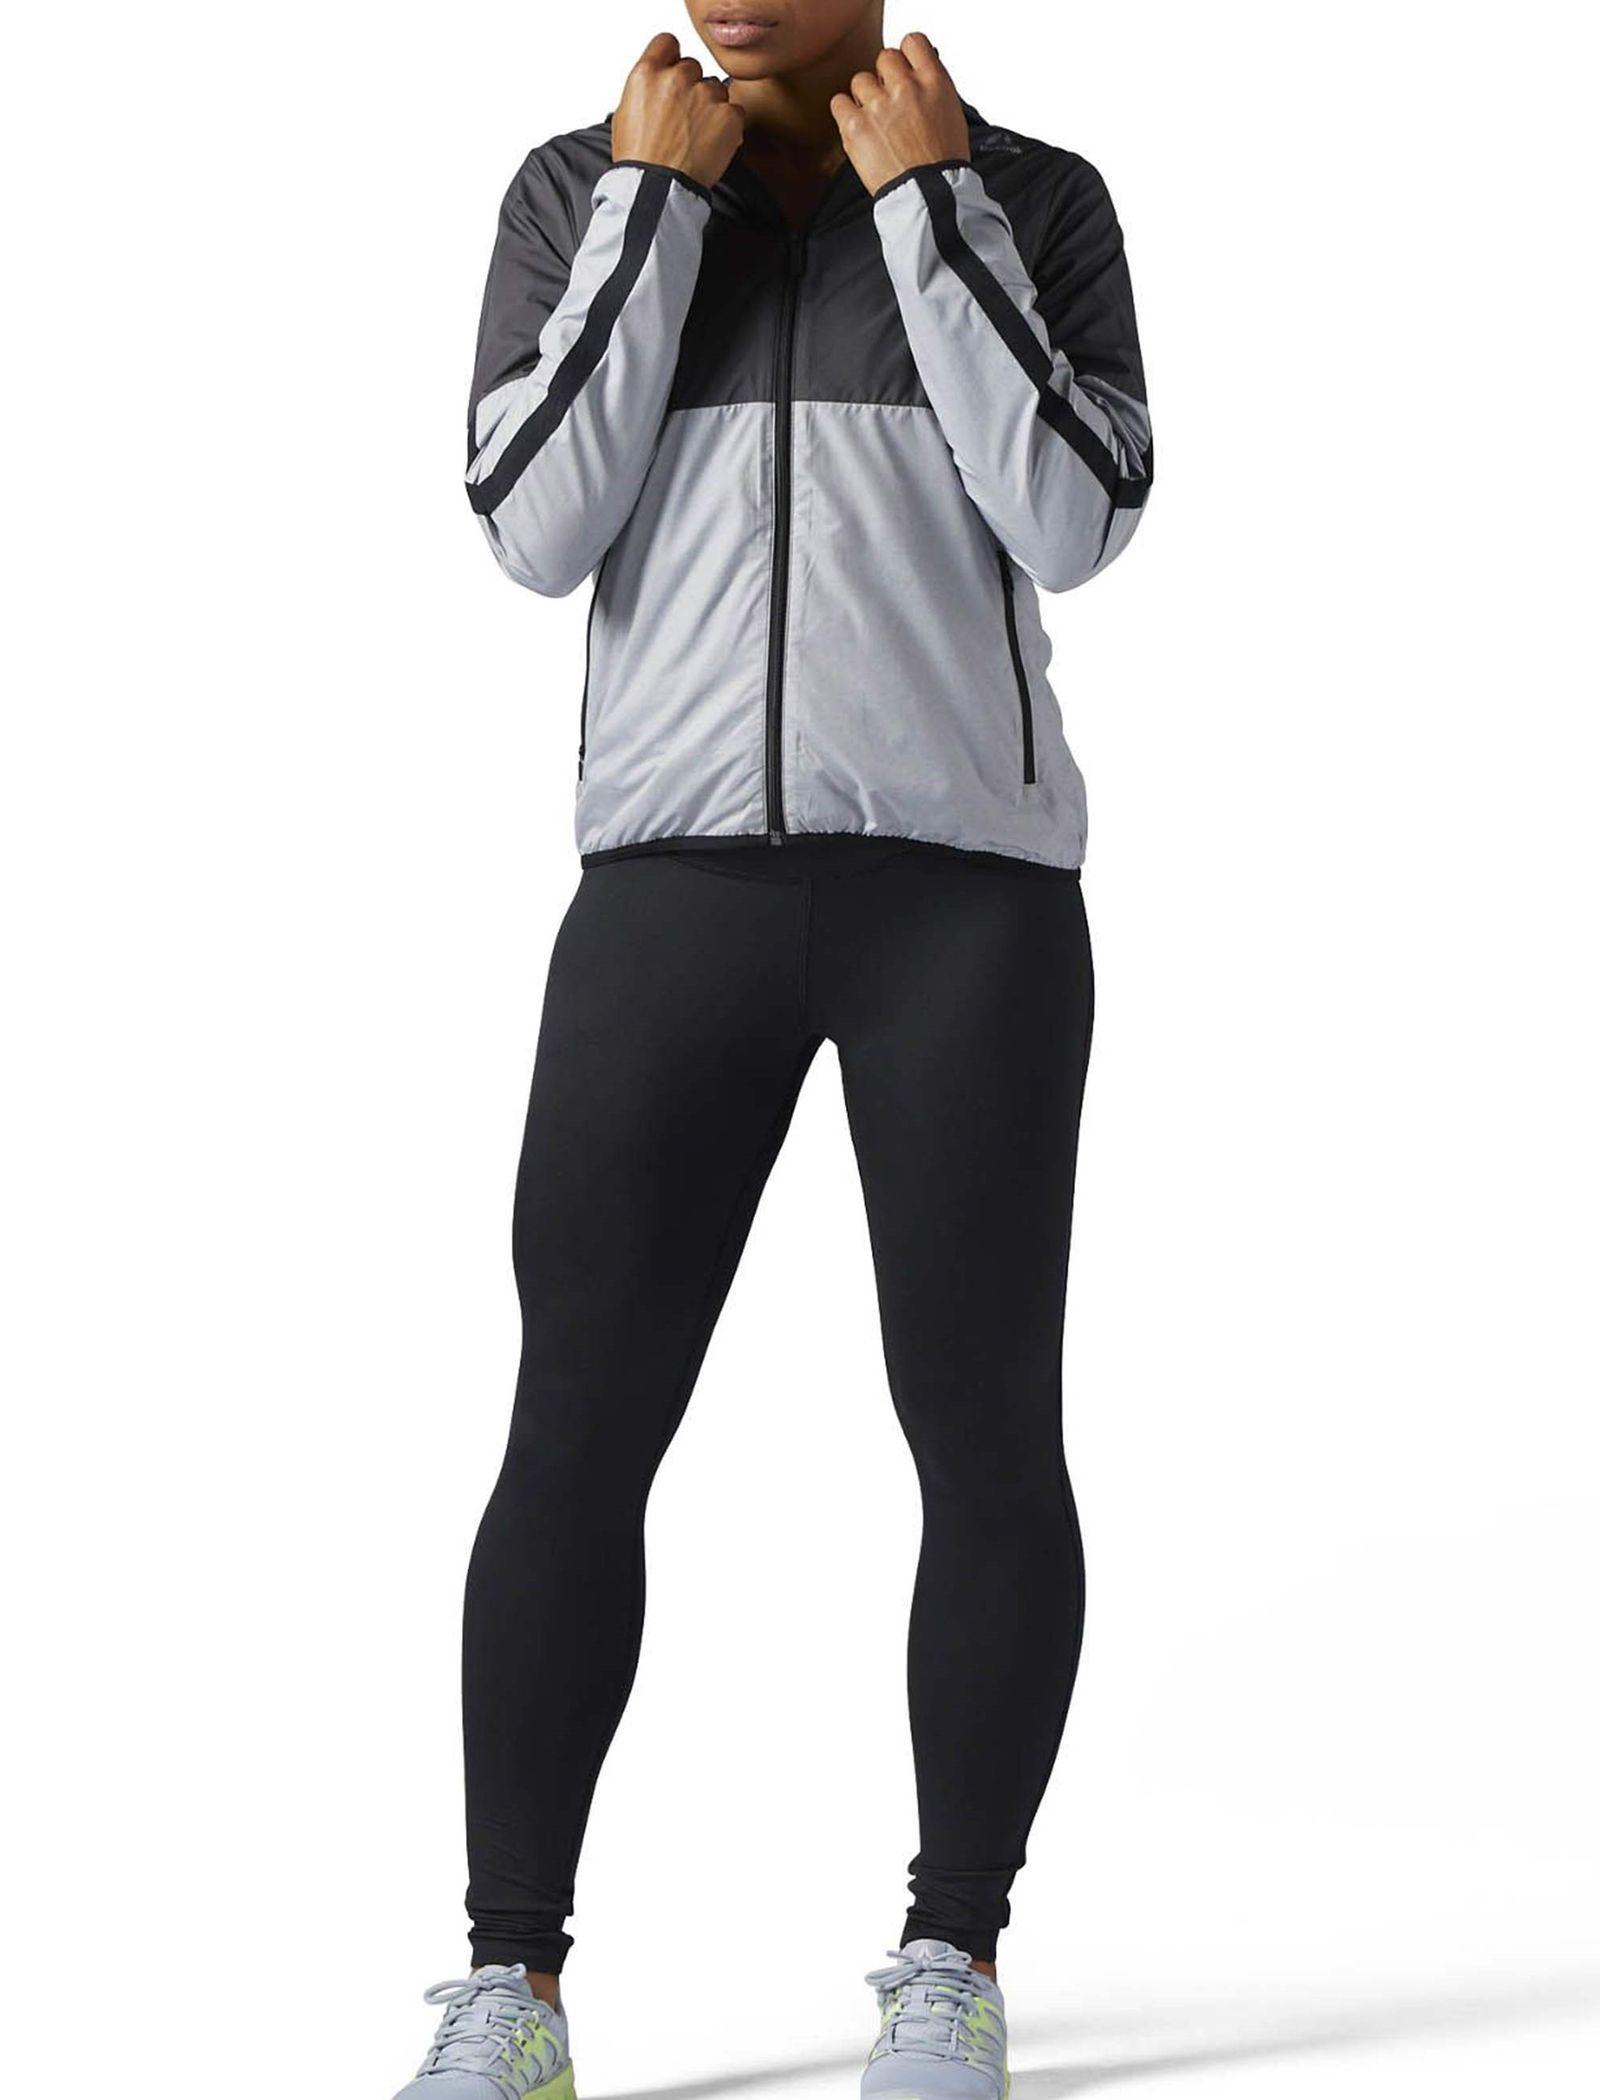 ست گرمکن ورزشی زنانه EL TS SPORT - ریباک - مشکي - 6